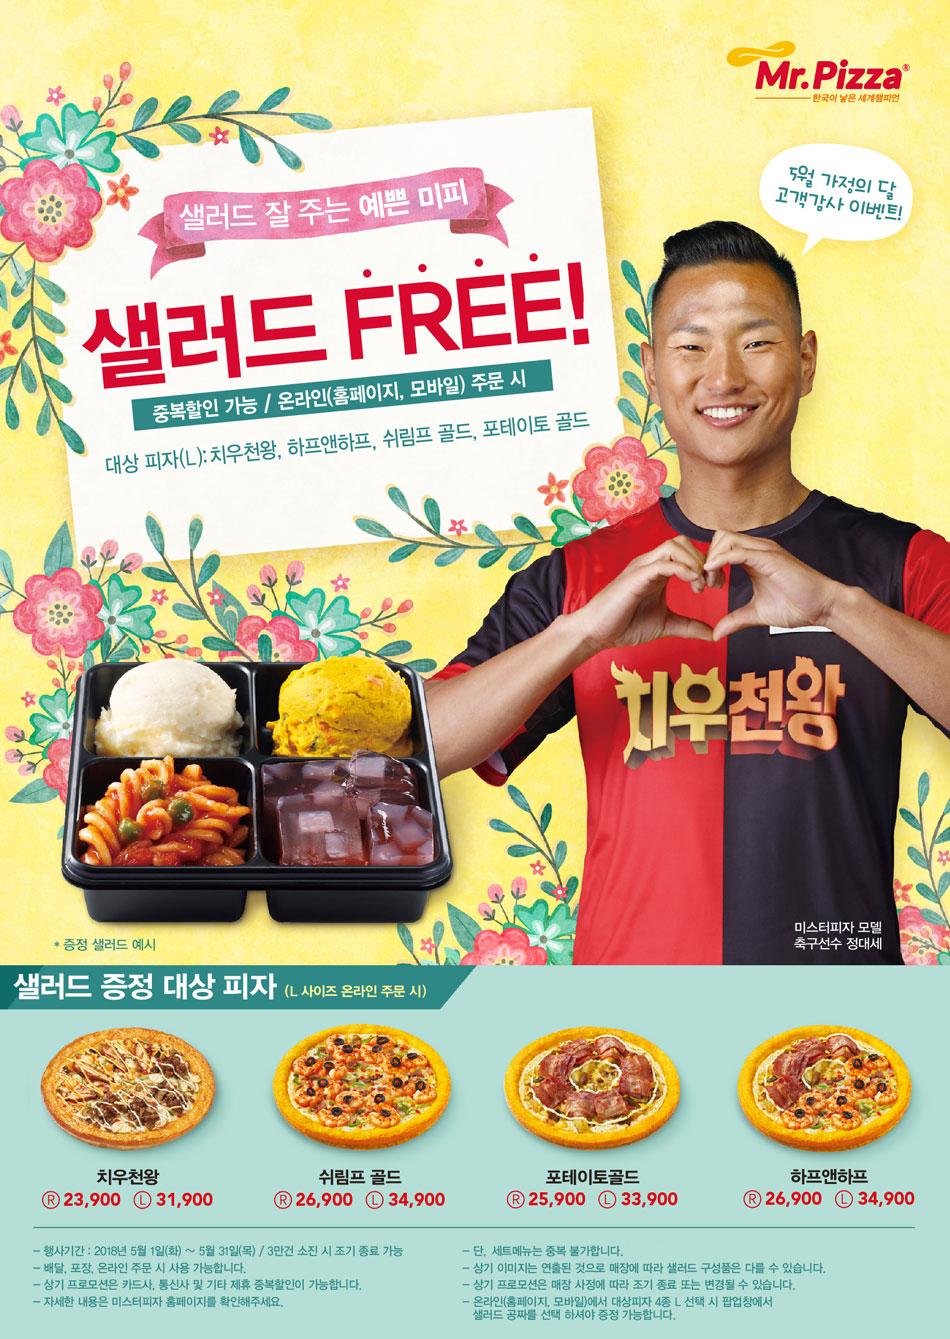 샐러드 FREE! 피자 할인받고! 샐러드도 받고!